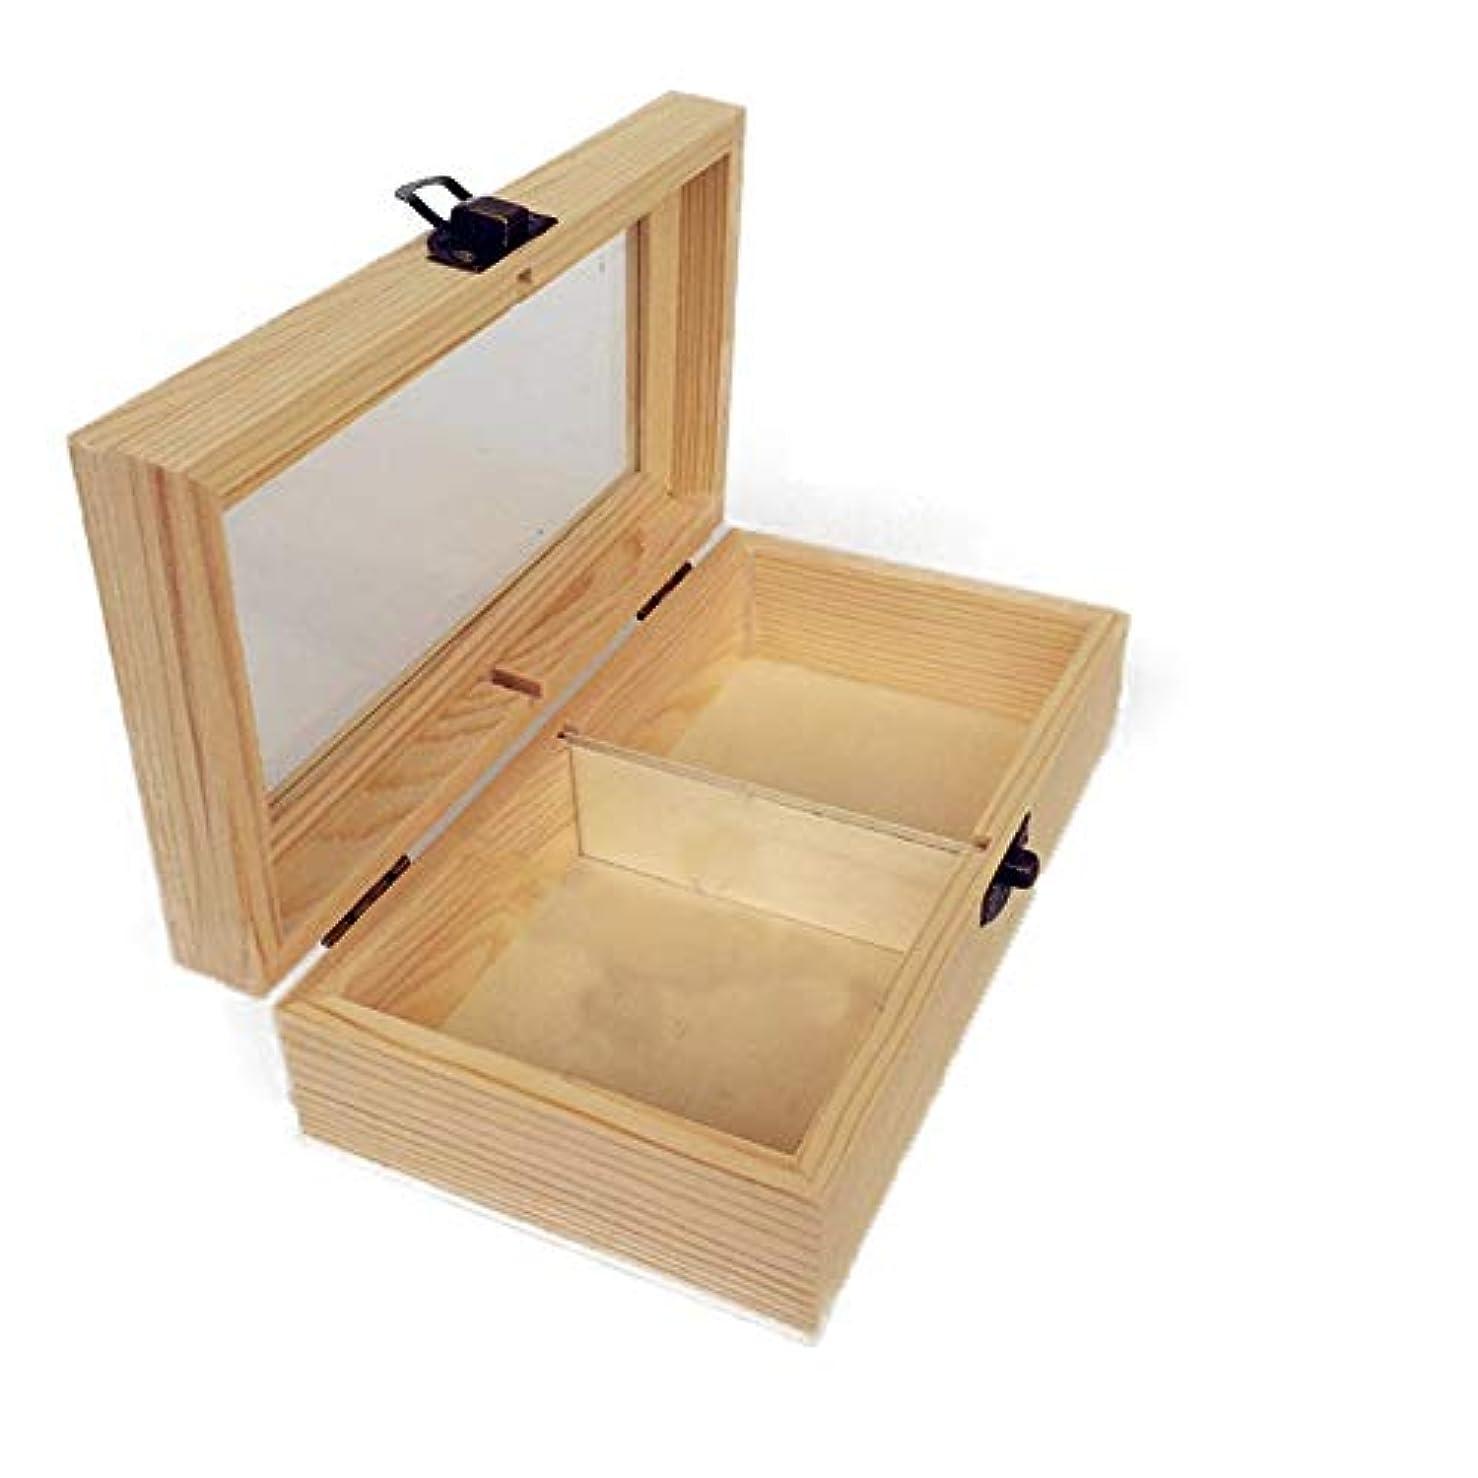 孤独嵐の振幅精油ケース プレゼンテーションのために手作りの木製ギフトボックスパーフェクトエッセンシャルオイルケースにエッセンシャルオイルは、被害太陽光からあなたの油を保護します 携帯便利 (色 : Natural, サイズ : 18X10X5.5CM)